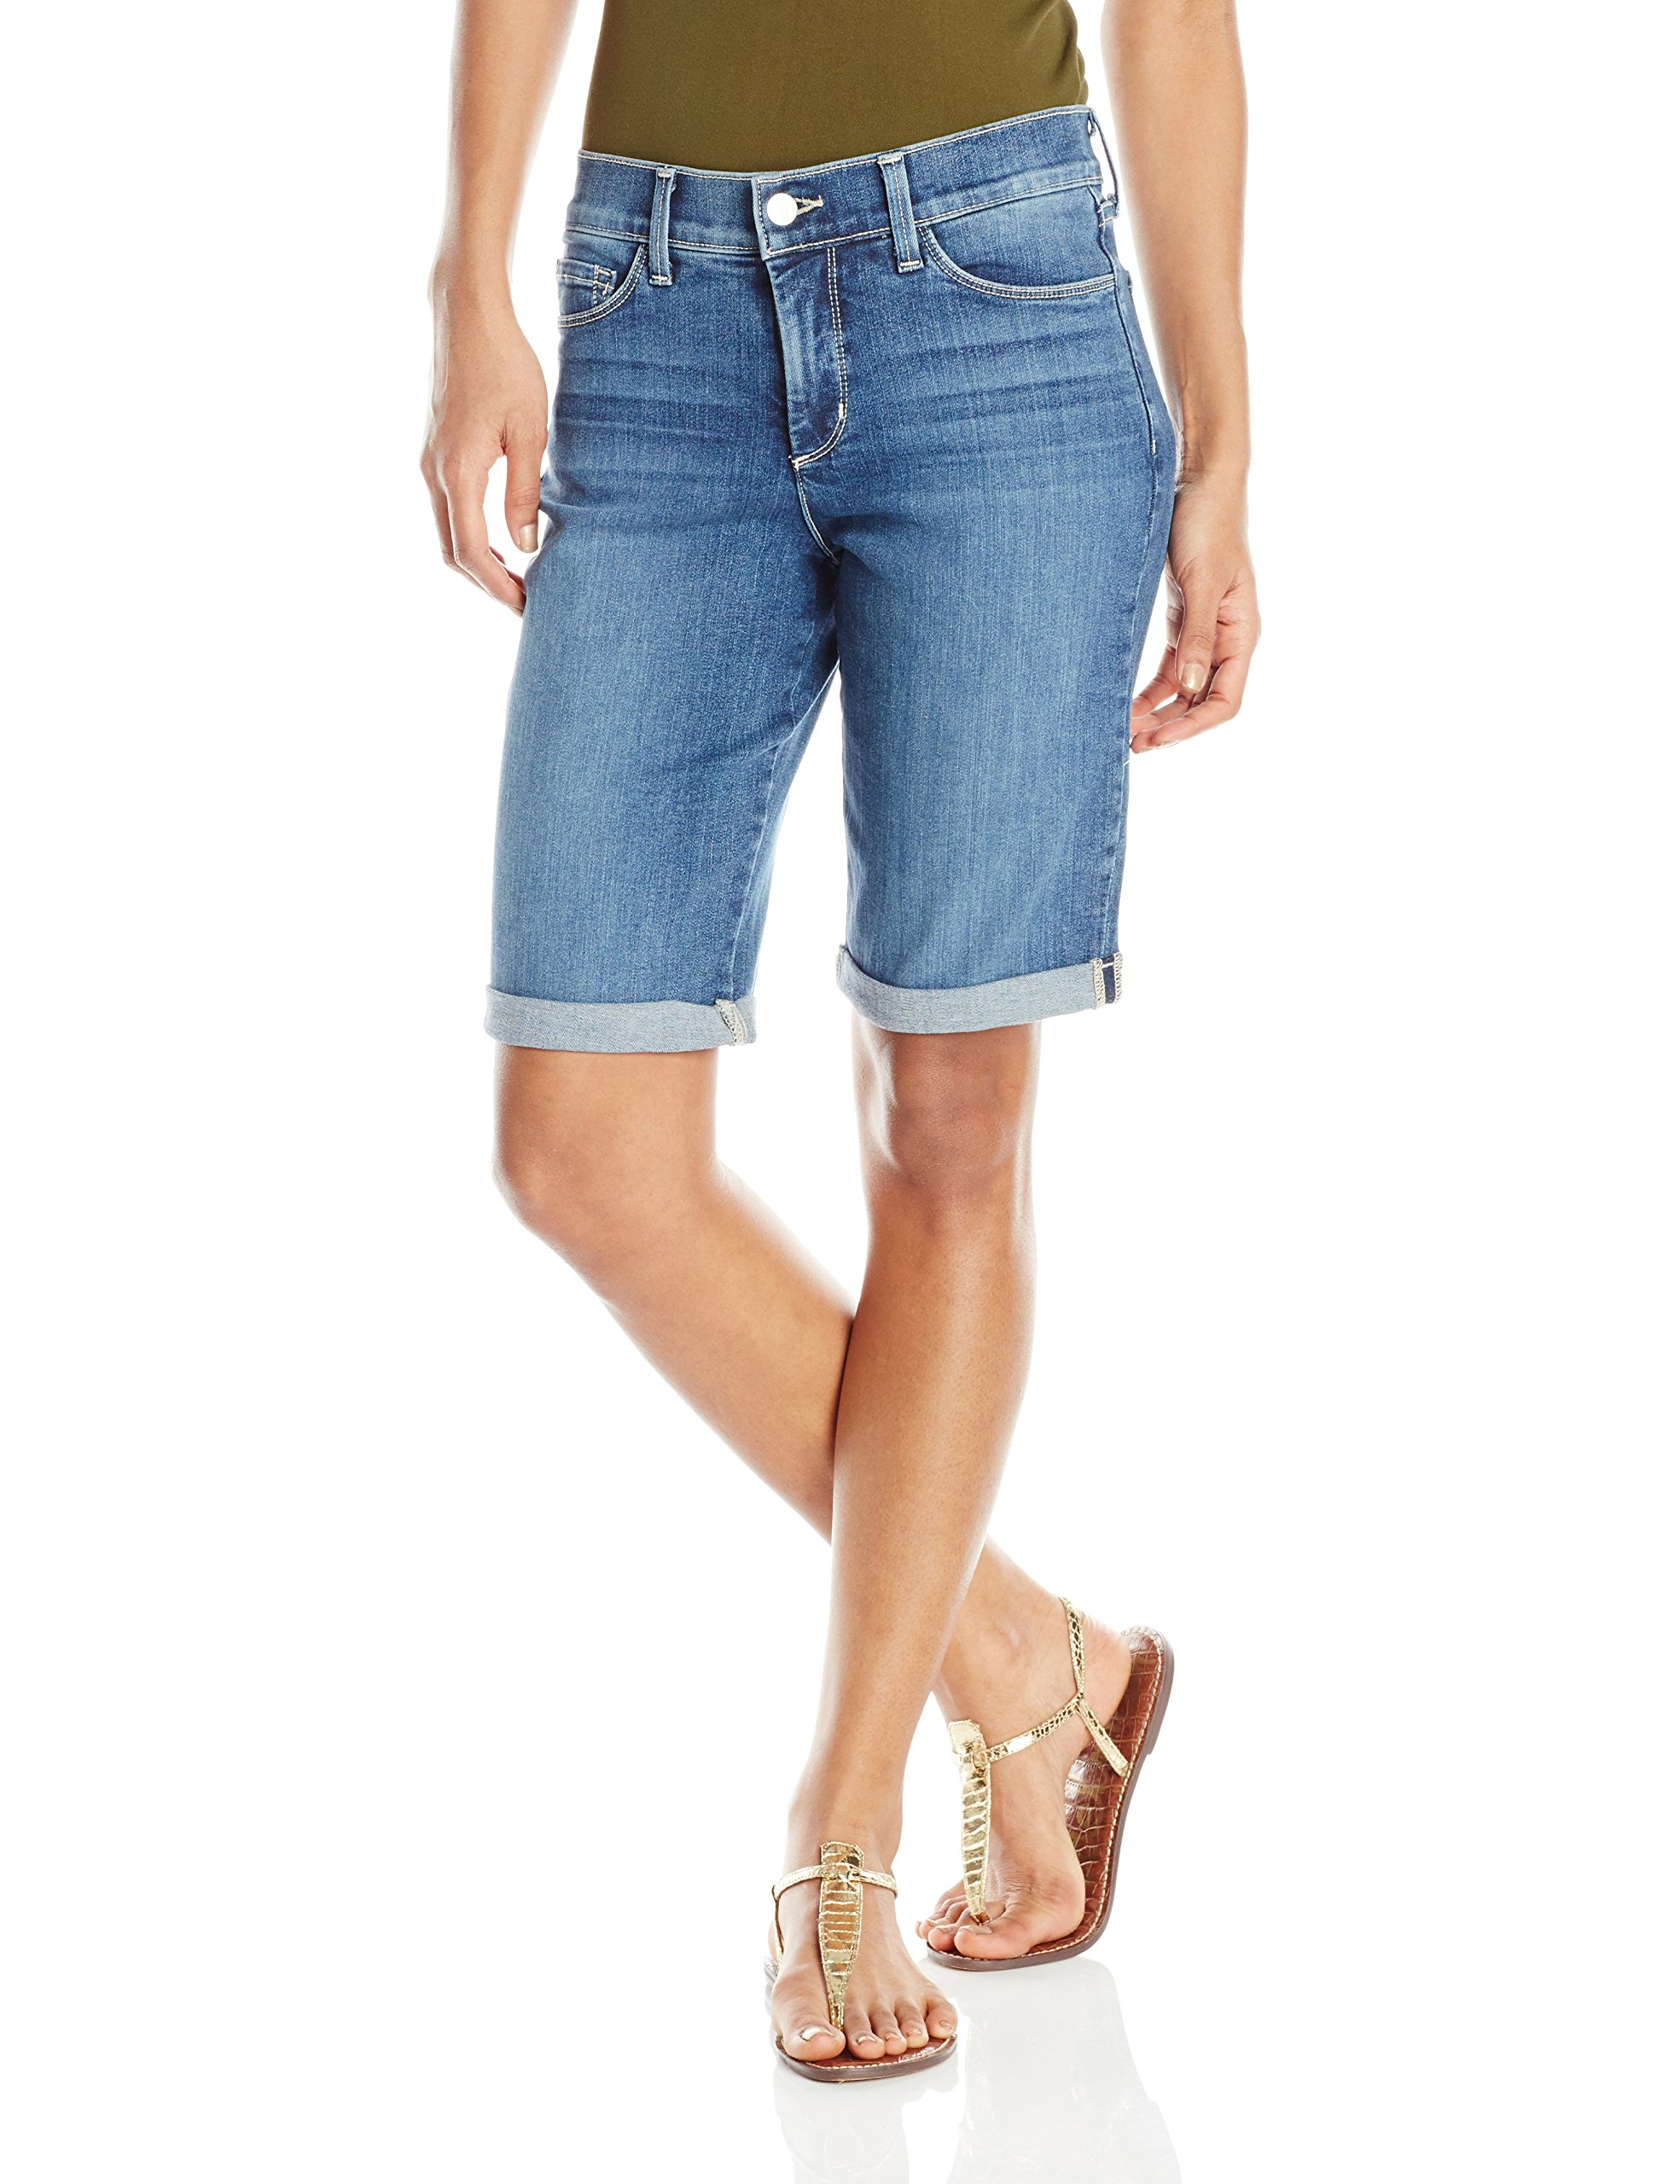 NYDJ Women's Briella Shorts in Stretch Indigo Denim, Heyburn, 10